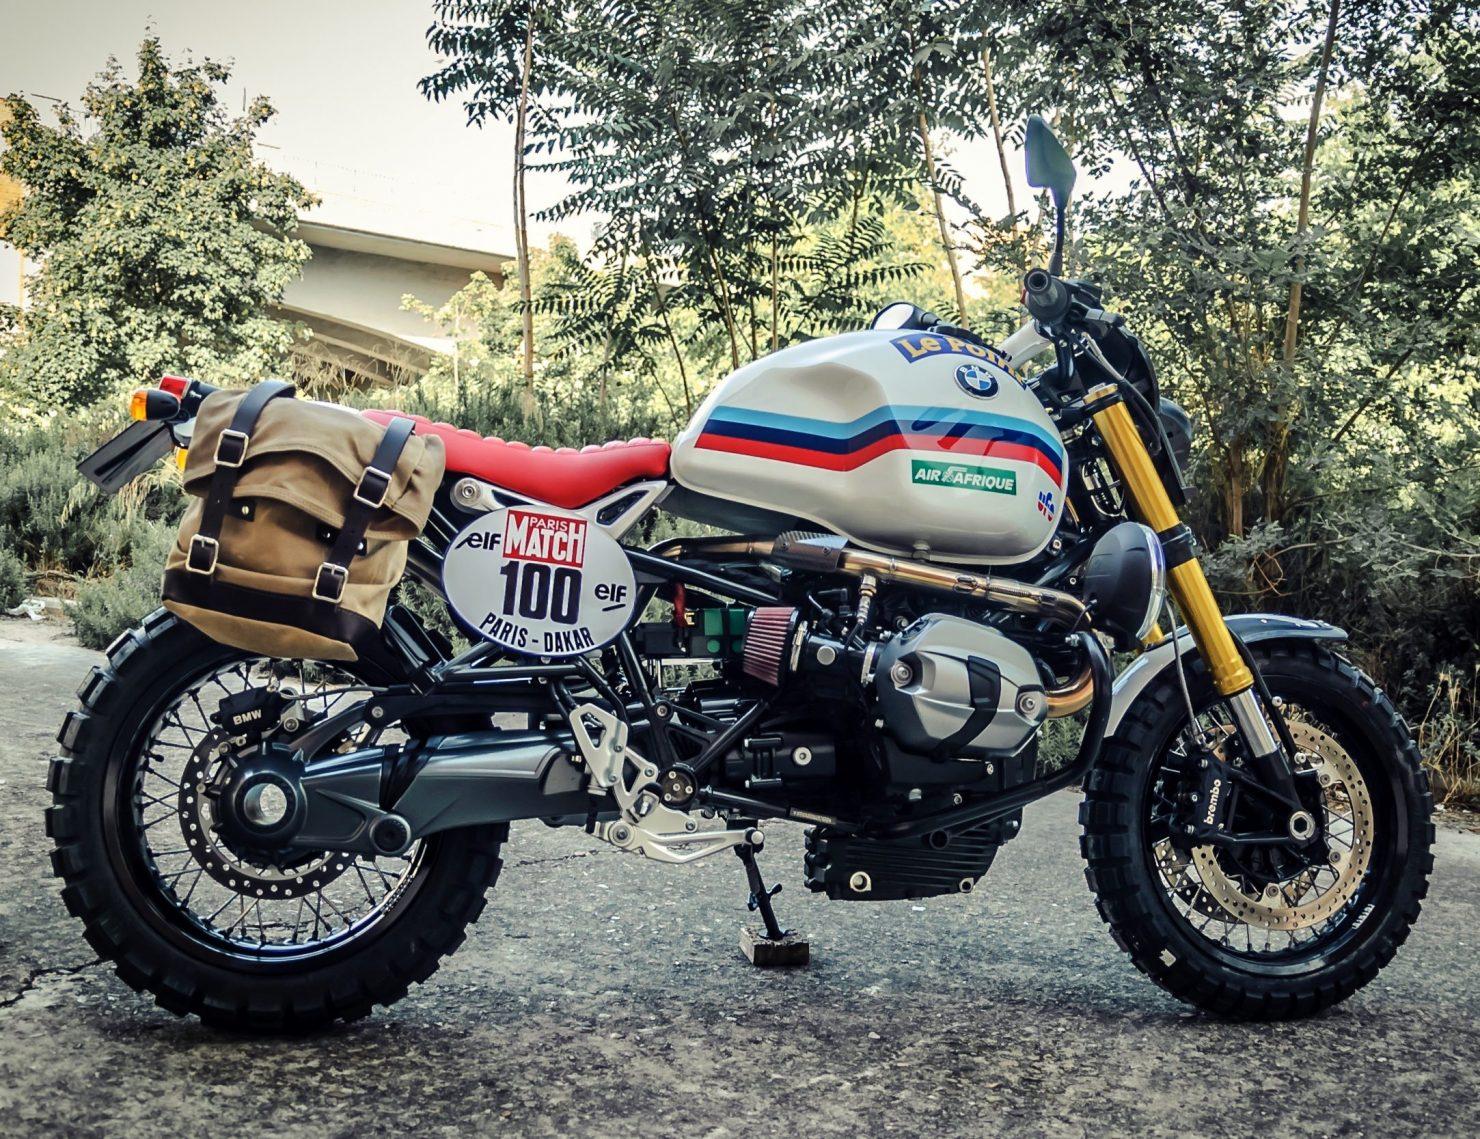 BMW R Nine T Custom Motorbike 1 1480x1139 - XTR Pepo BMW R nineT Paris Dakar